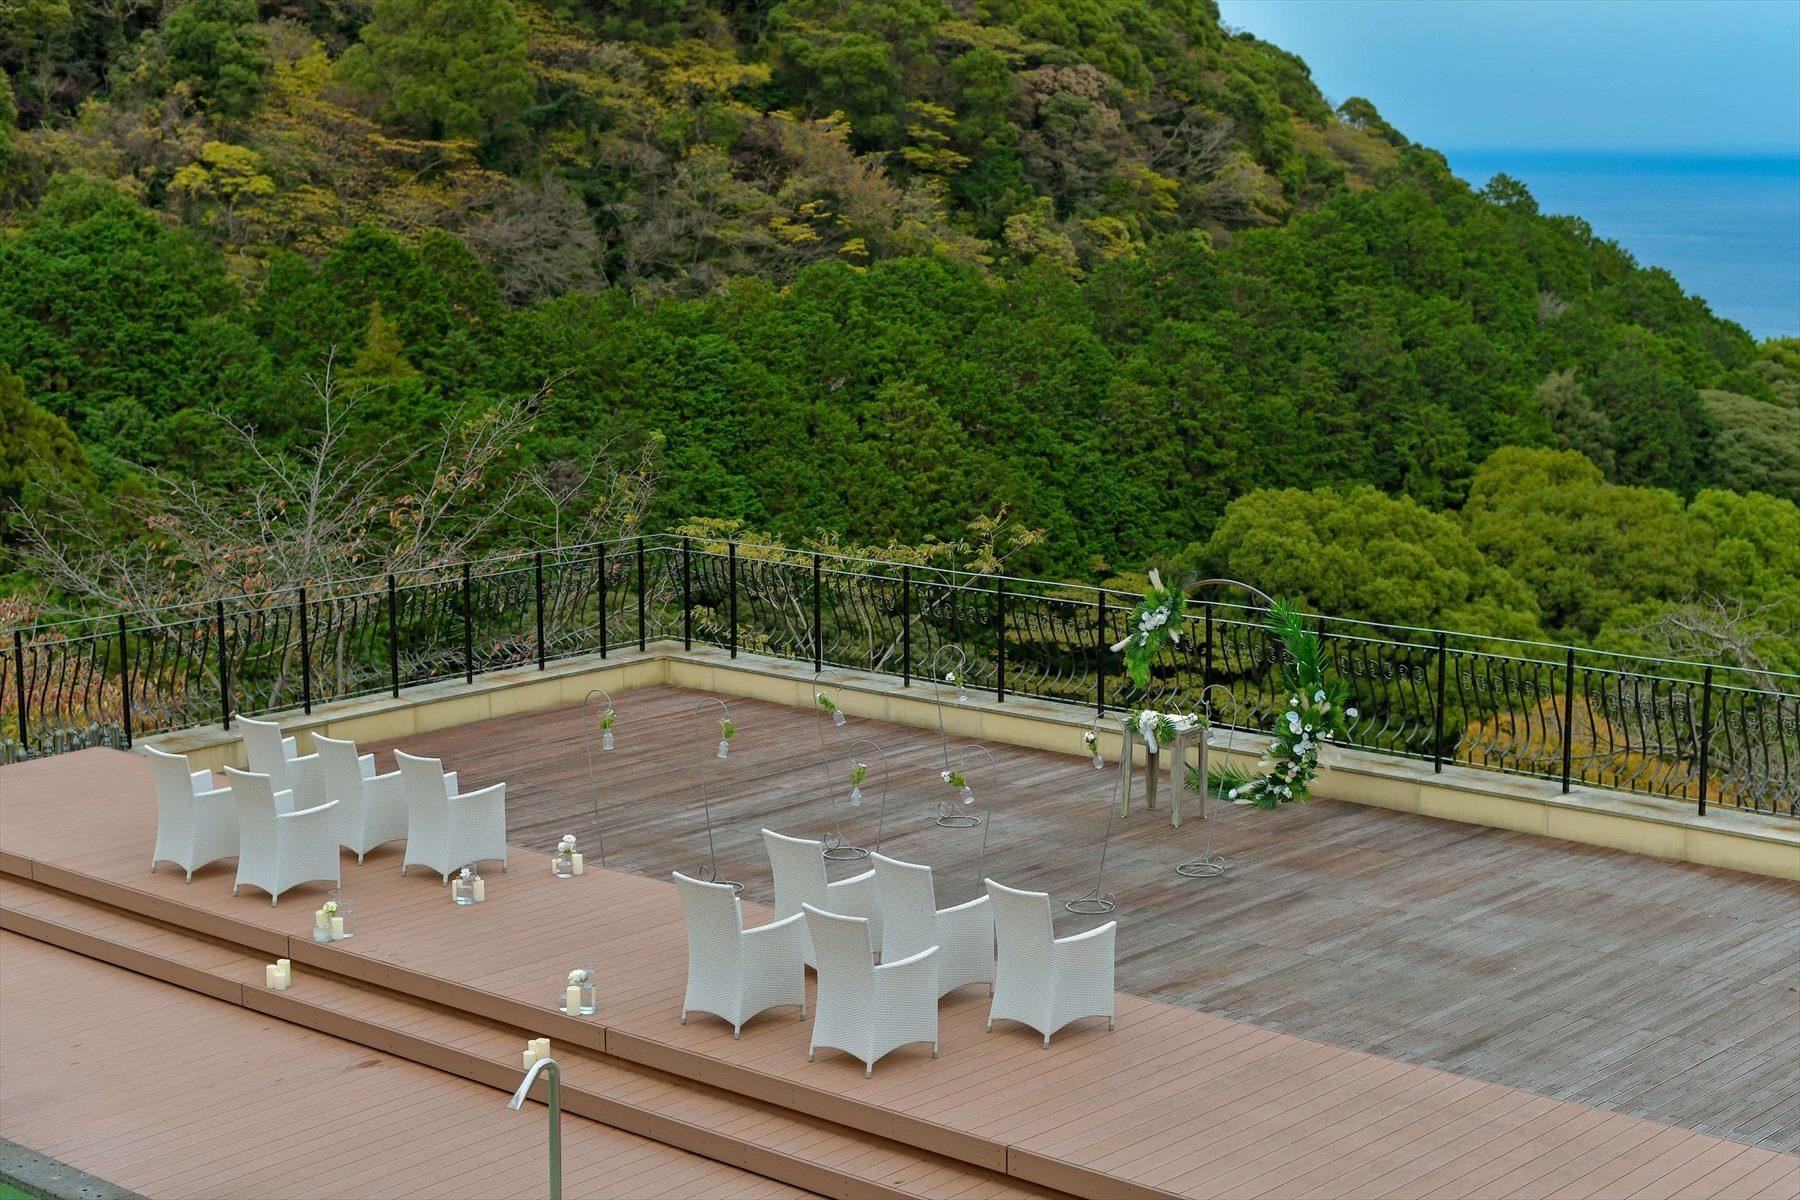 静岡熱海結婚式 熱海結婚式場 会場全景